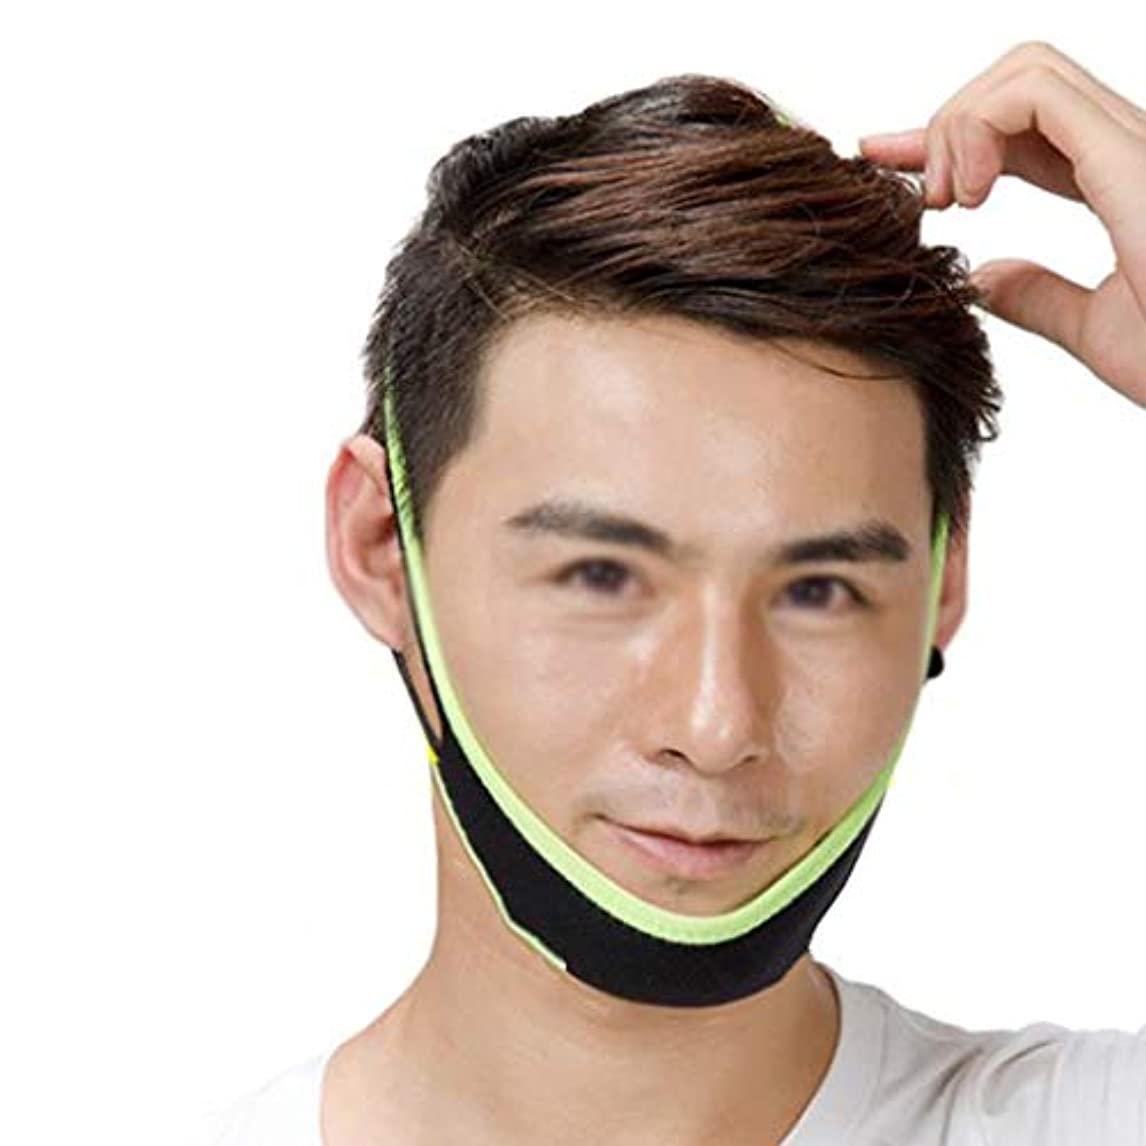 針フレームワークアカデミックZWBD フェイスマスク, マスクアーチファクトアーティファクトリフティングマッサージアーティファクト付き薄い顔の包帯メンズスペシャルスリープスモールVフェイス